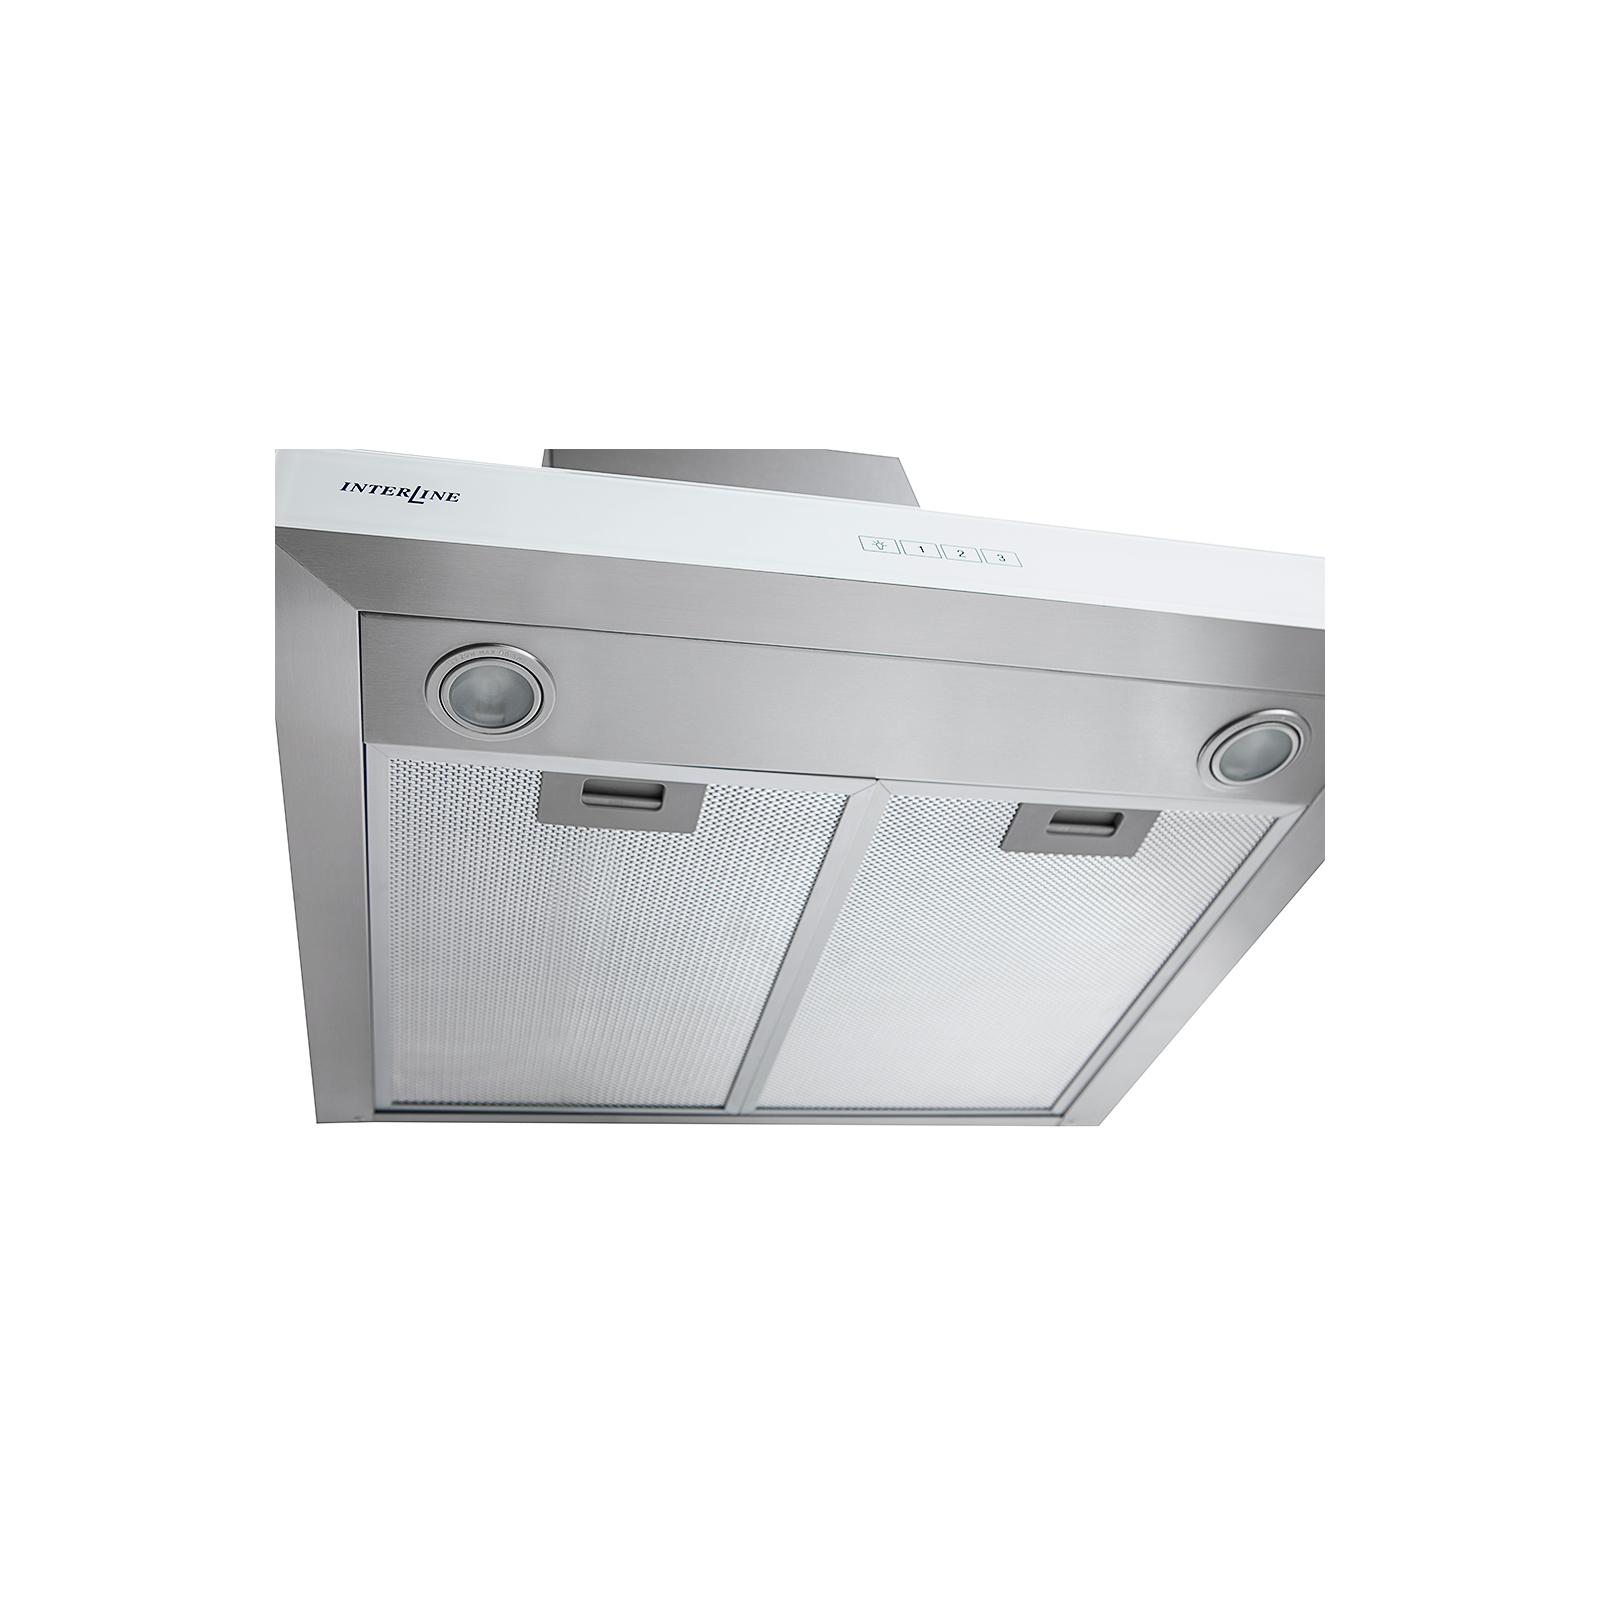 Вытяжка кухонная Interline COLLIDER X/V/W 60 E.S. изображение 4